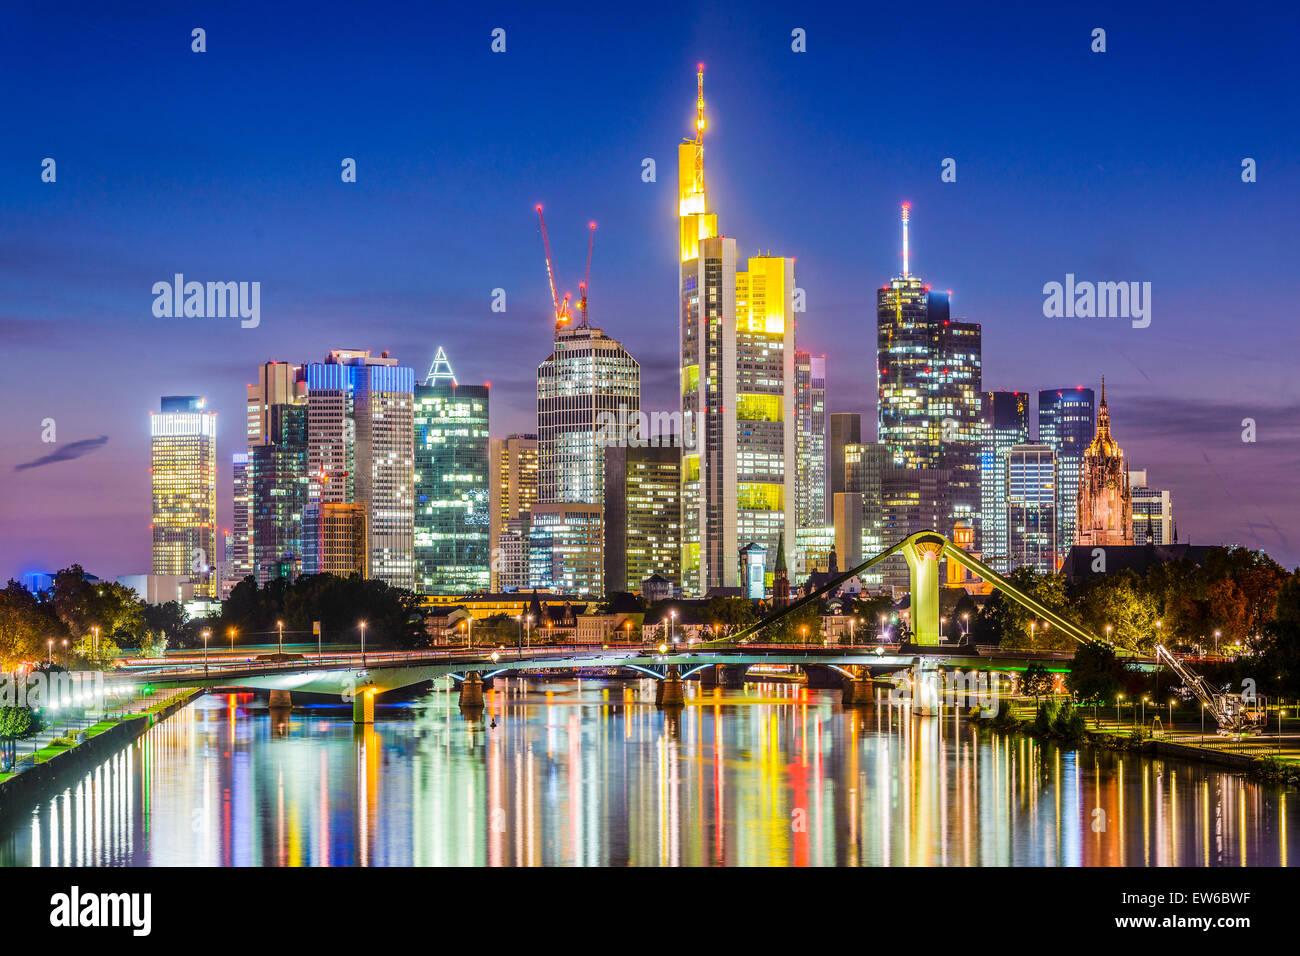 Francfort, Allemagne skyline sur le cours principal de la rivière. Photo Stock